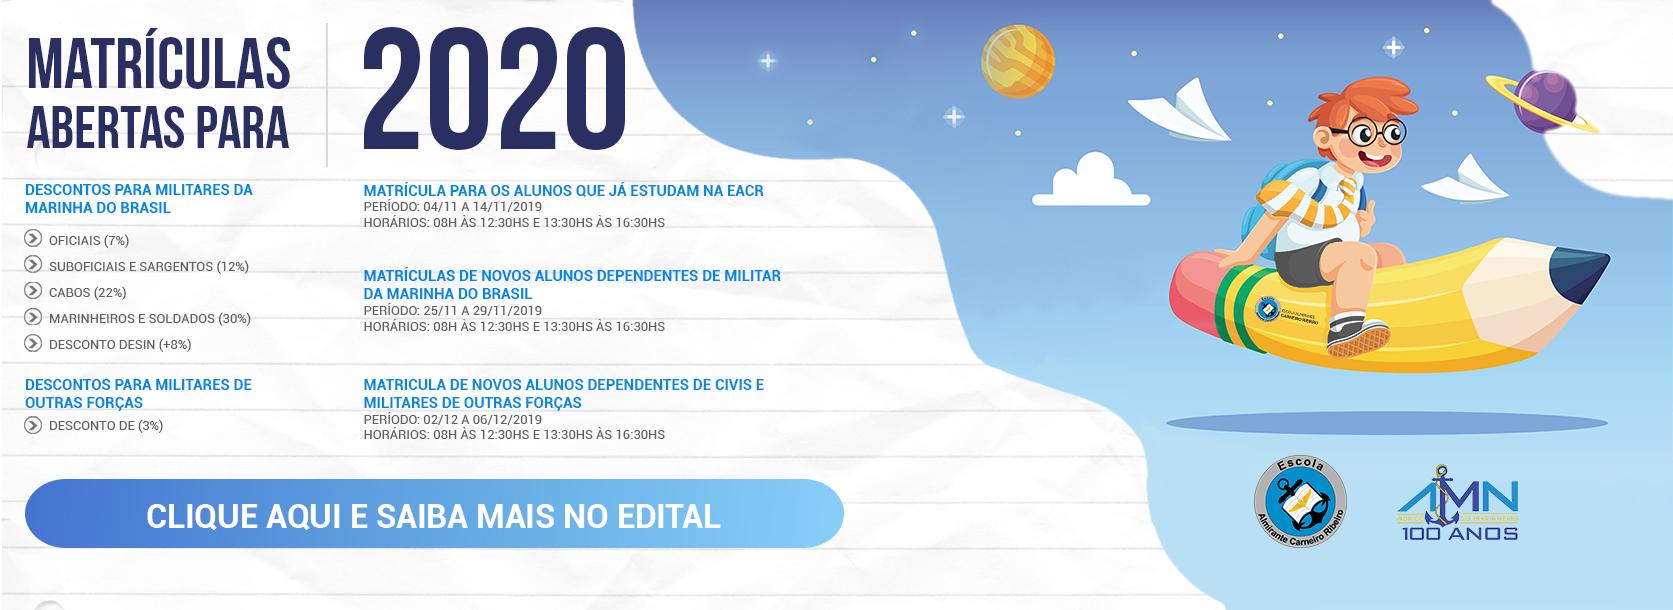 Banner Matrículas - EACR